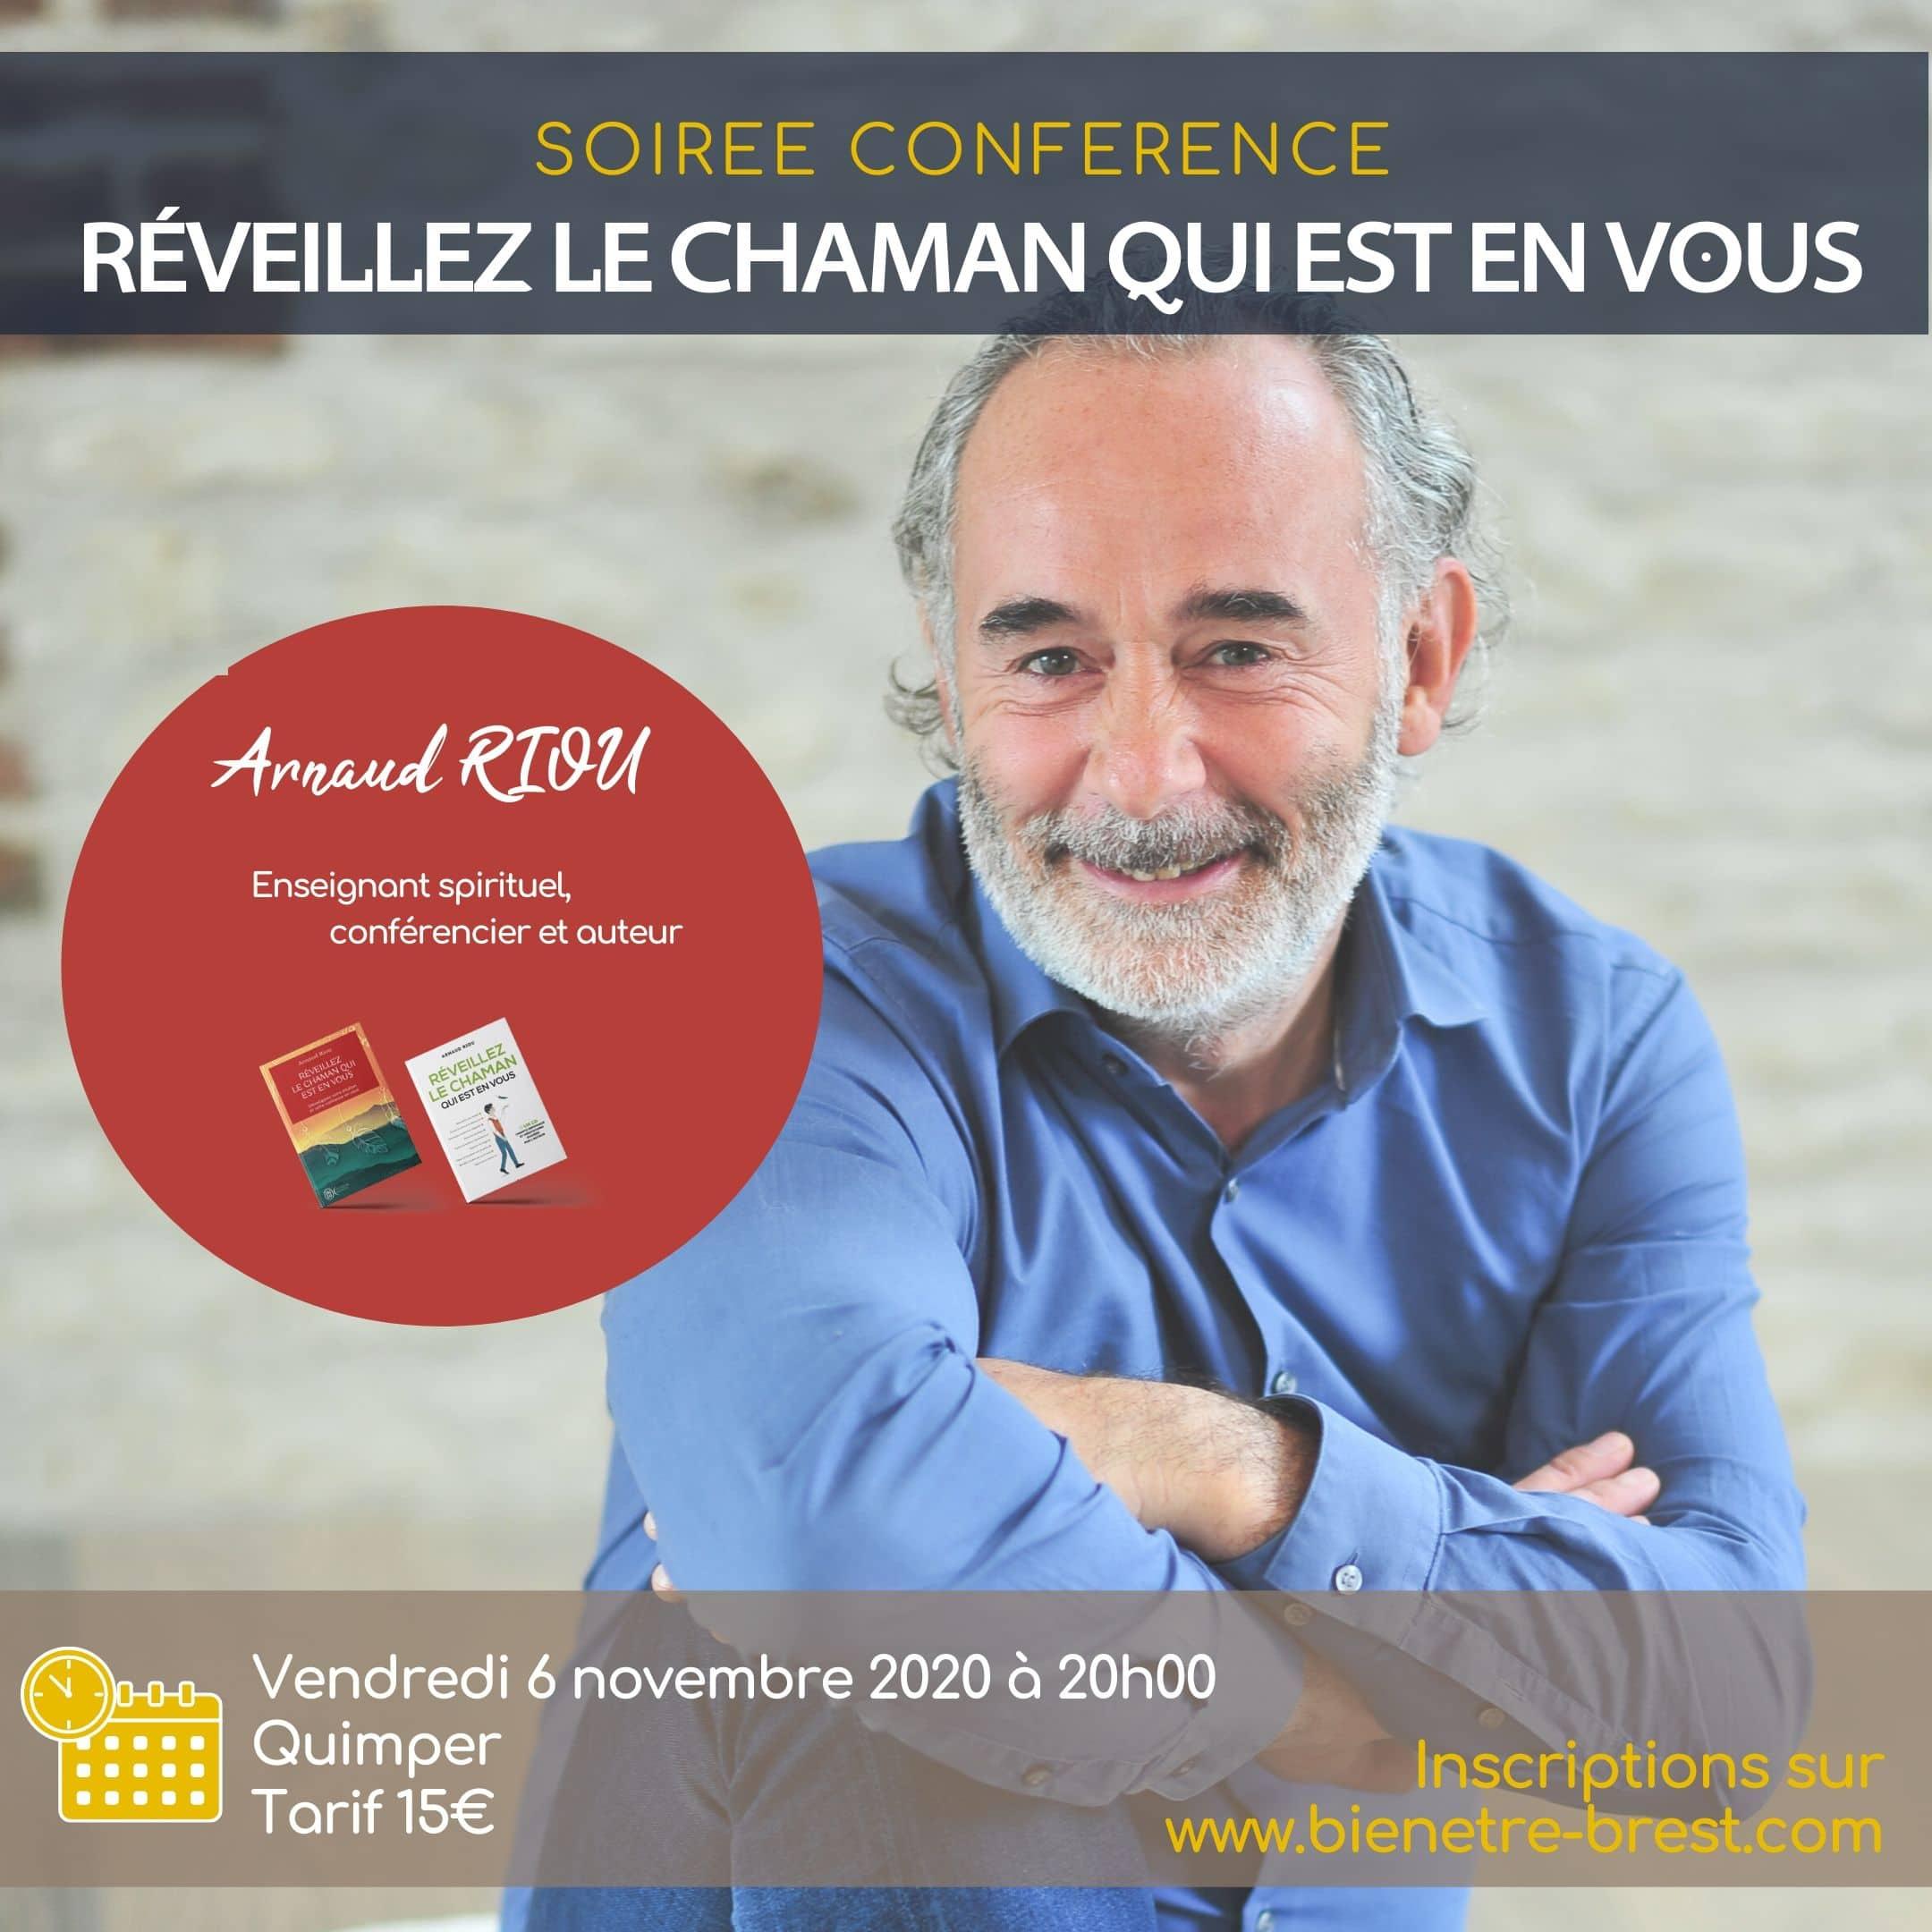 Conférence_Réveillez_Le_Chaman_6nov2020_Réseaux